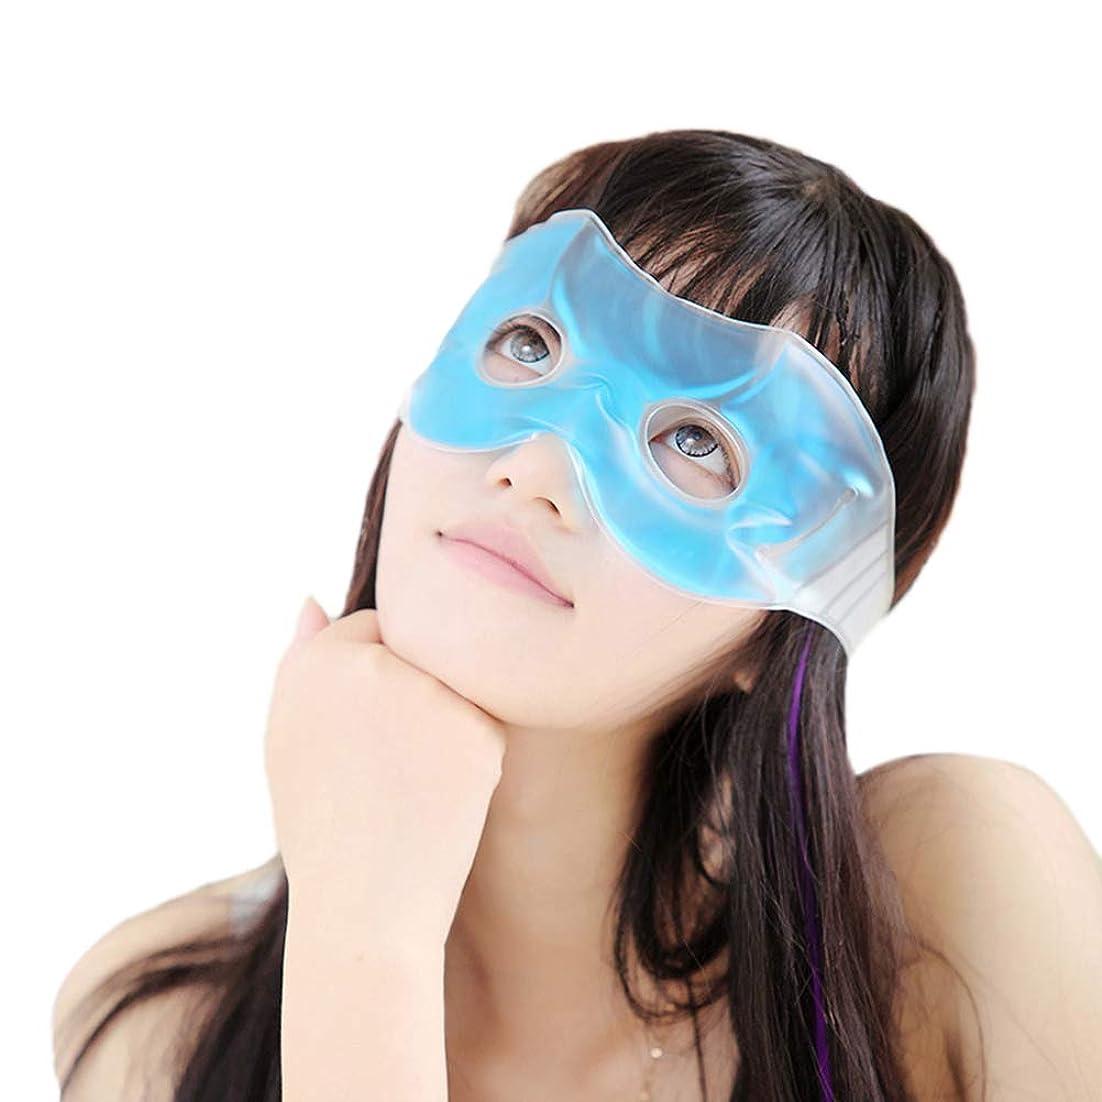 判読できないメジャー悔い改めるHealifty アイマスク ゲル アイスパッド アイスアイマスク 目隠し リラックス 冷却 パック 再使用可能 目の疲れ軽減 安眠 血行促進